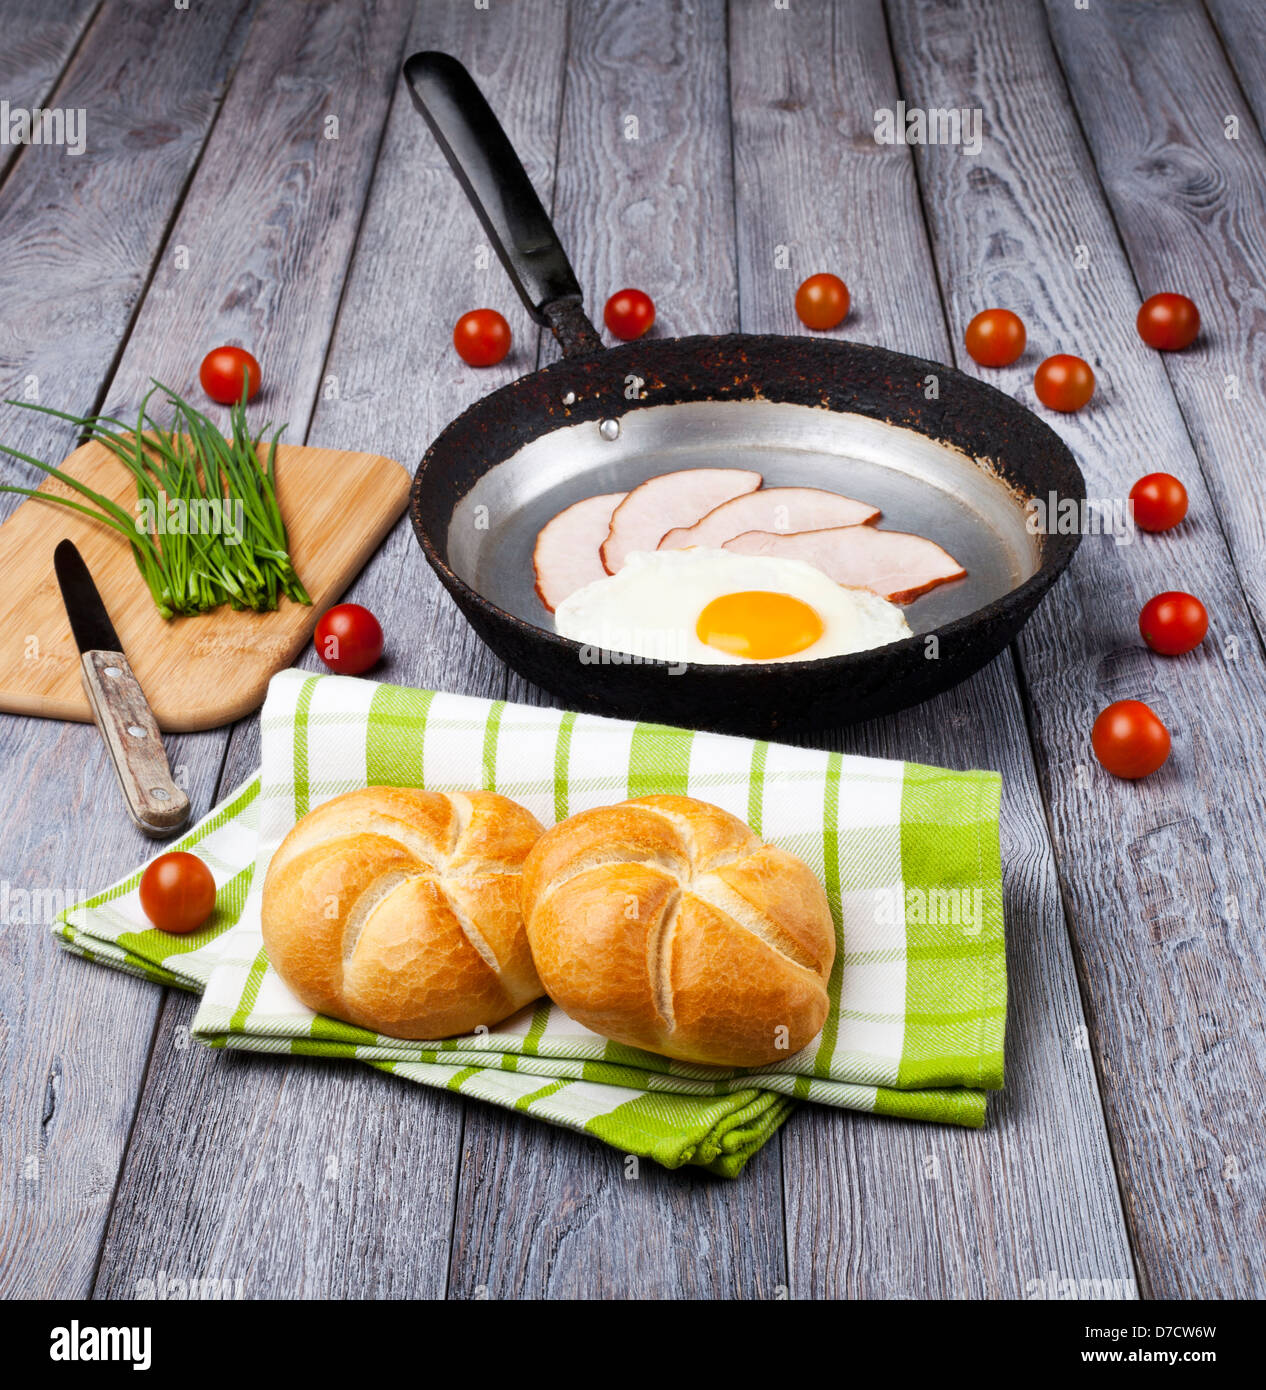 Huevo frito y jamón desayuno Imagen De Stock